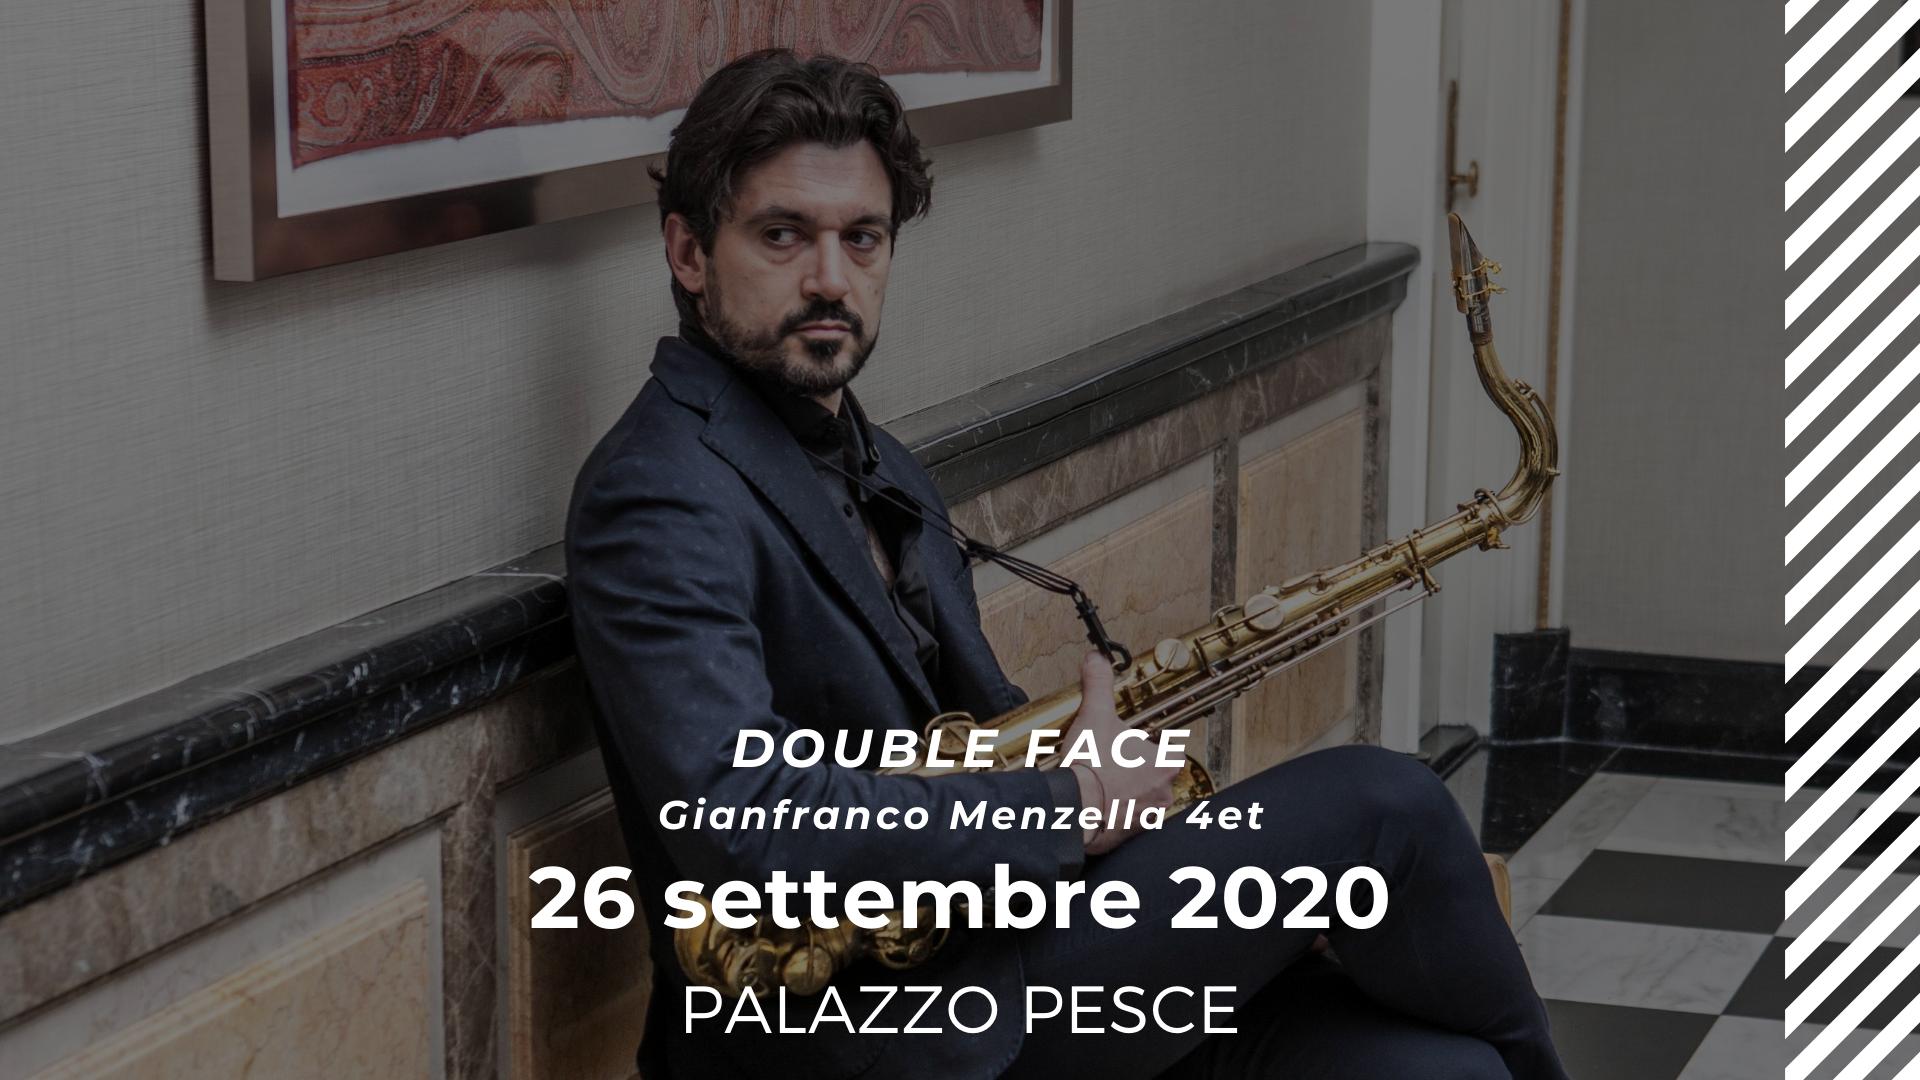 26 settembre 2020 Gianfranco Menzella 4et a Palazzo Pesce